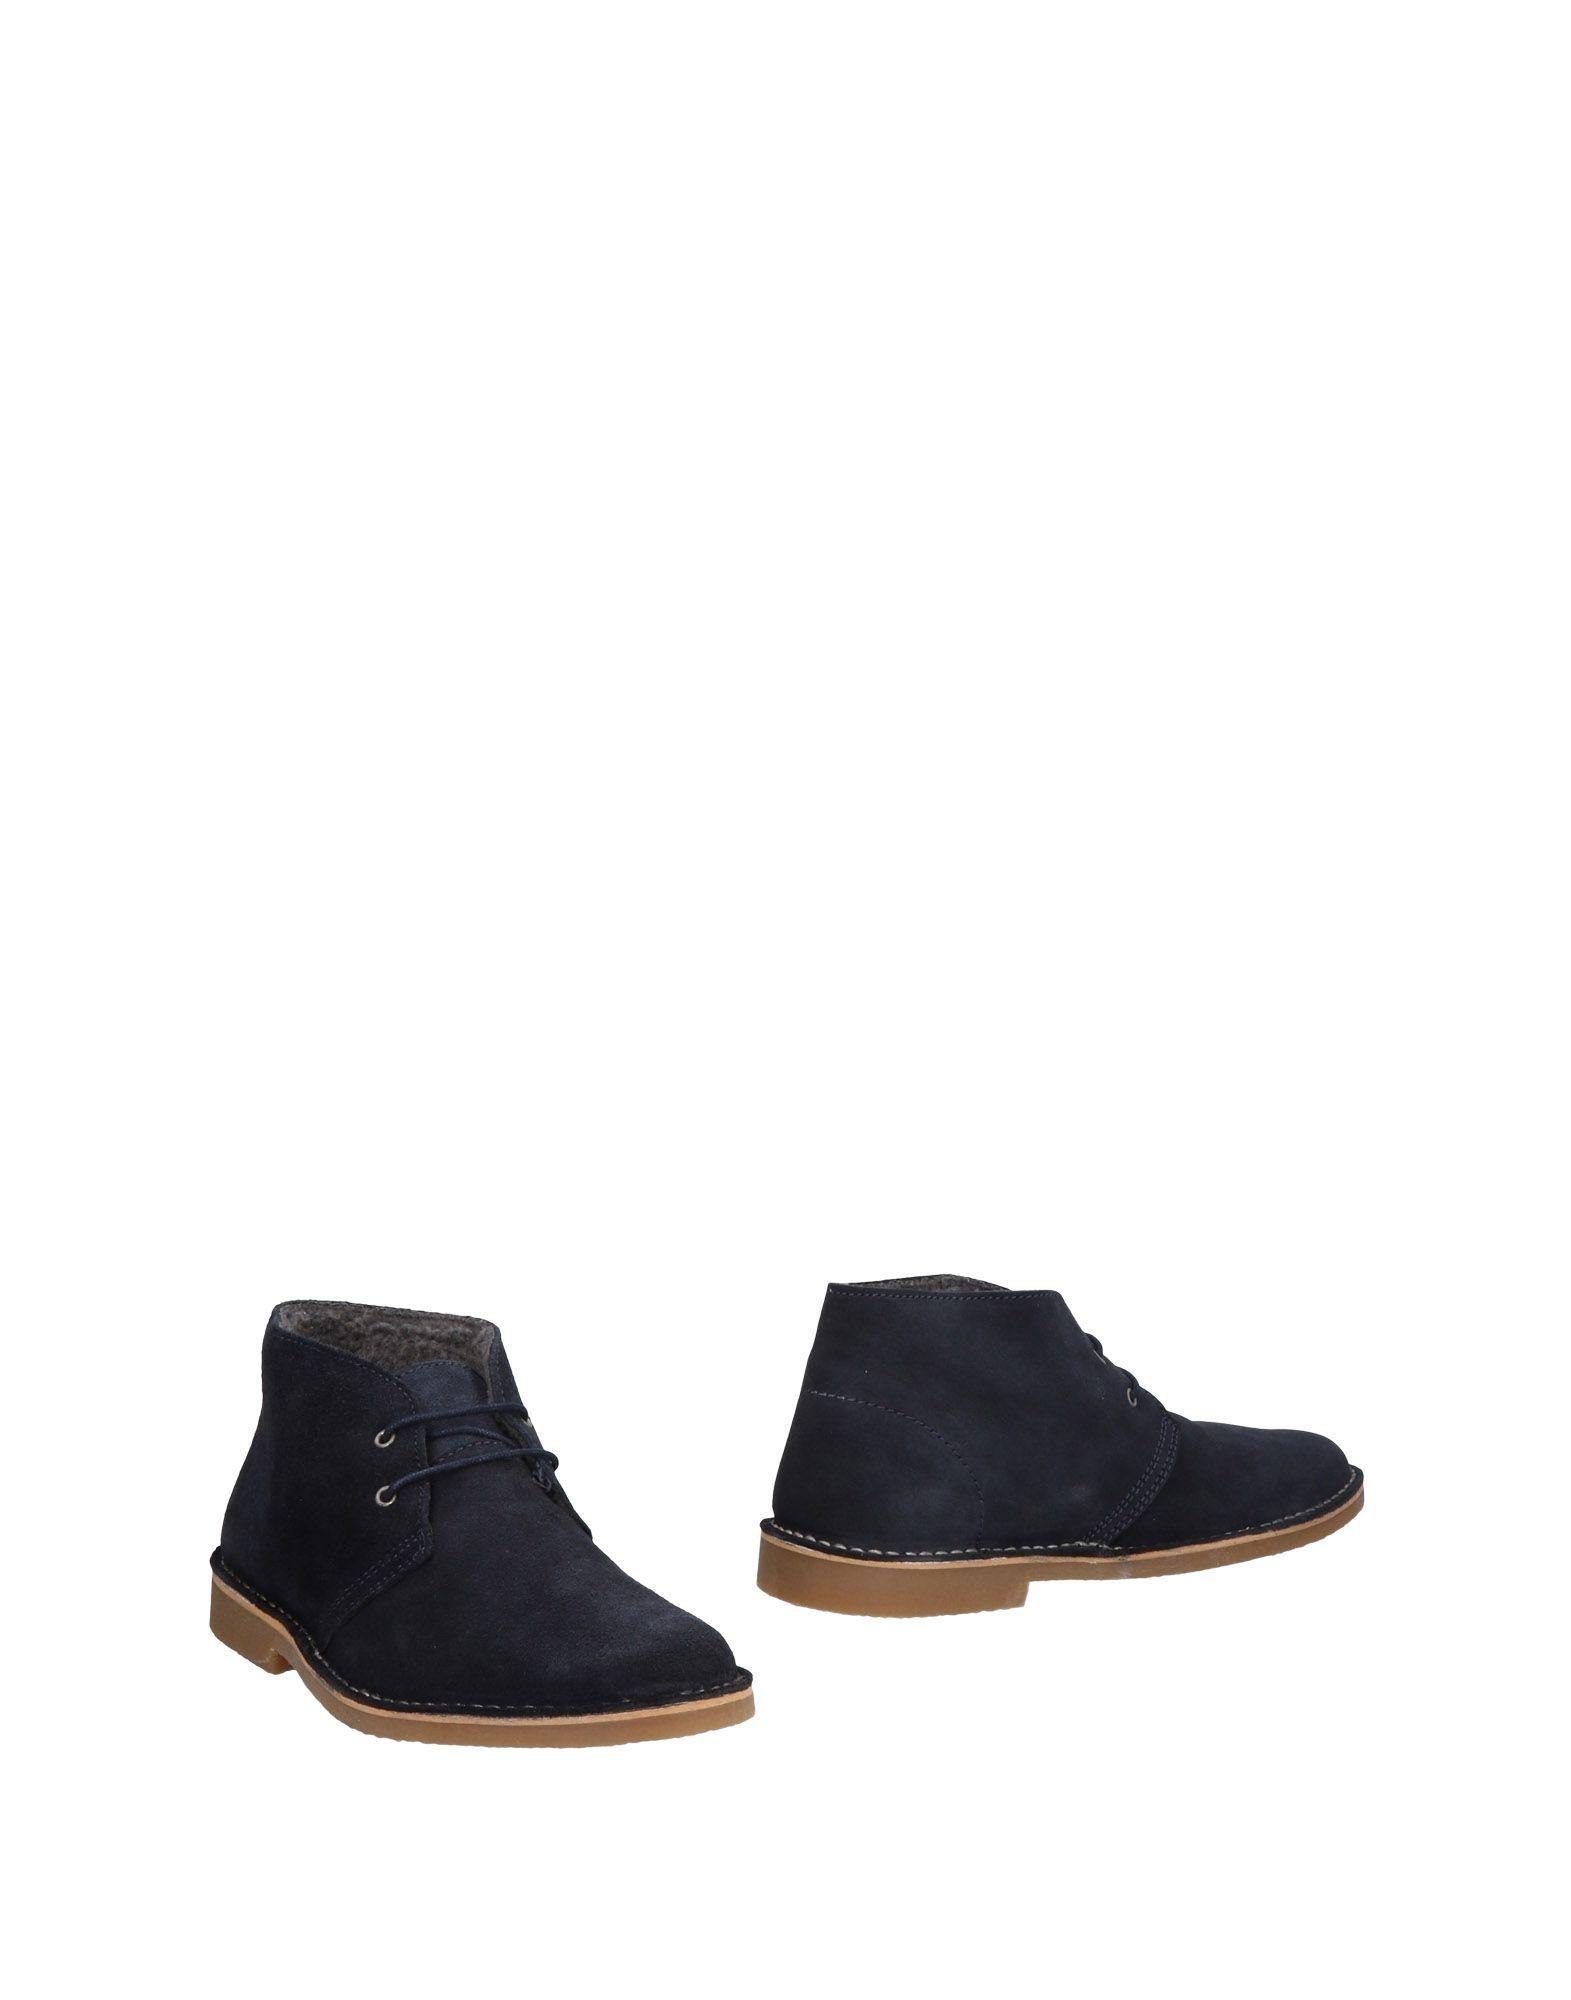 Rabatt echte Schuhe Selected Homme Stiefelette Herren  44903113MK